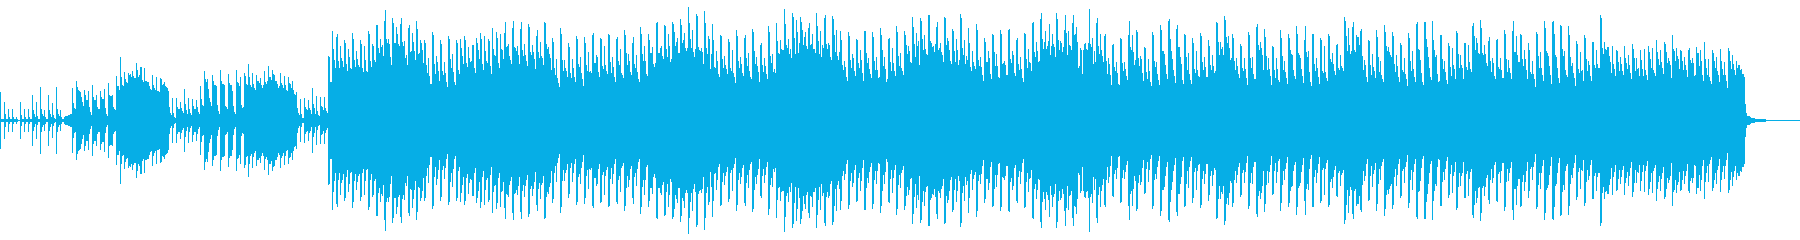 CM用 アナログシンセ 印象的でハードの再生済みの波形